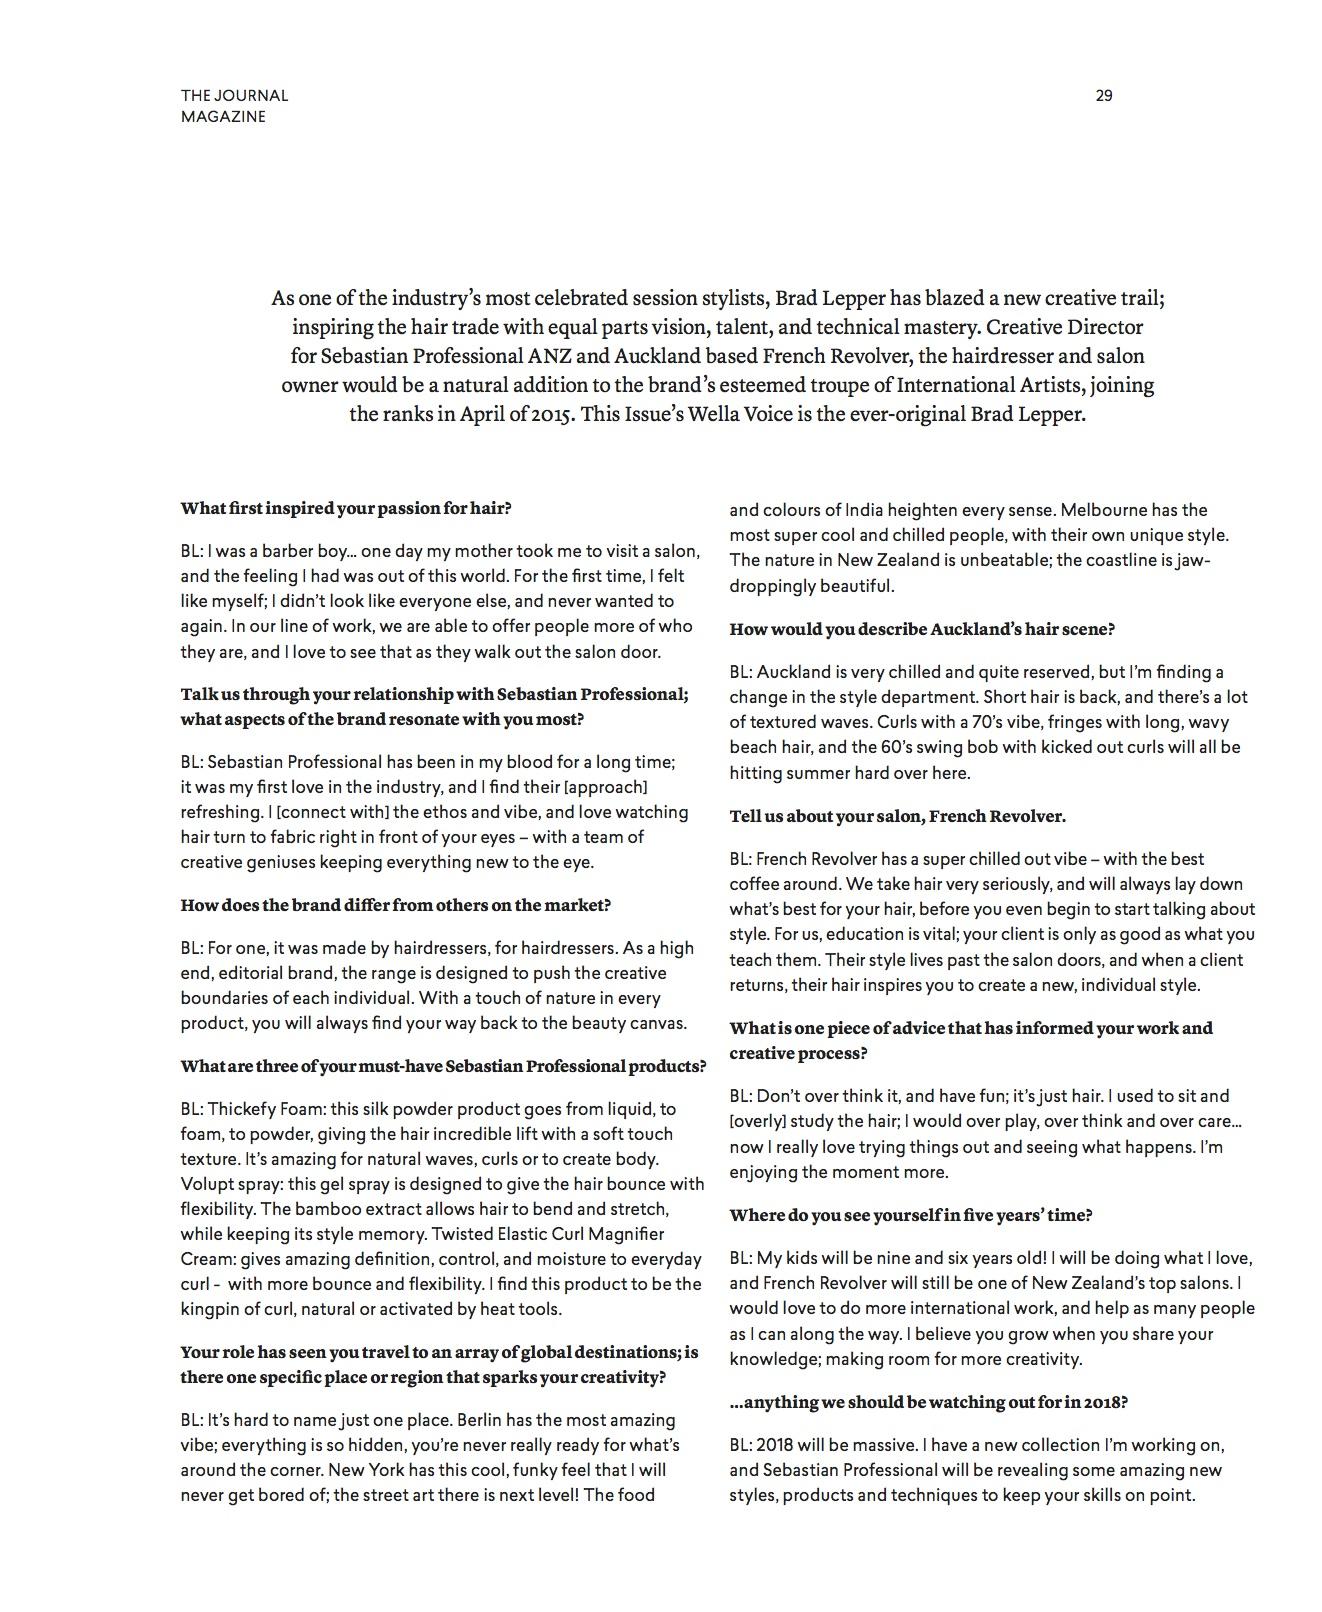 THE_JOURNAL_6_17_Brad_Lepper (1) p2.jpg